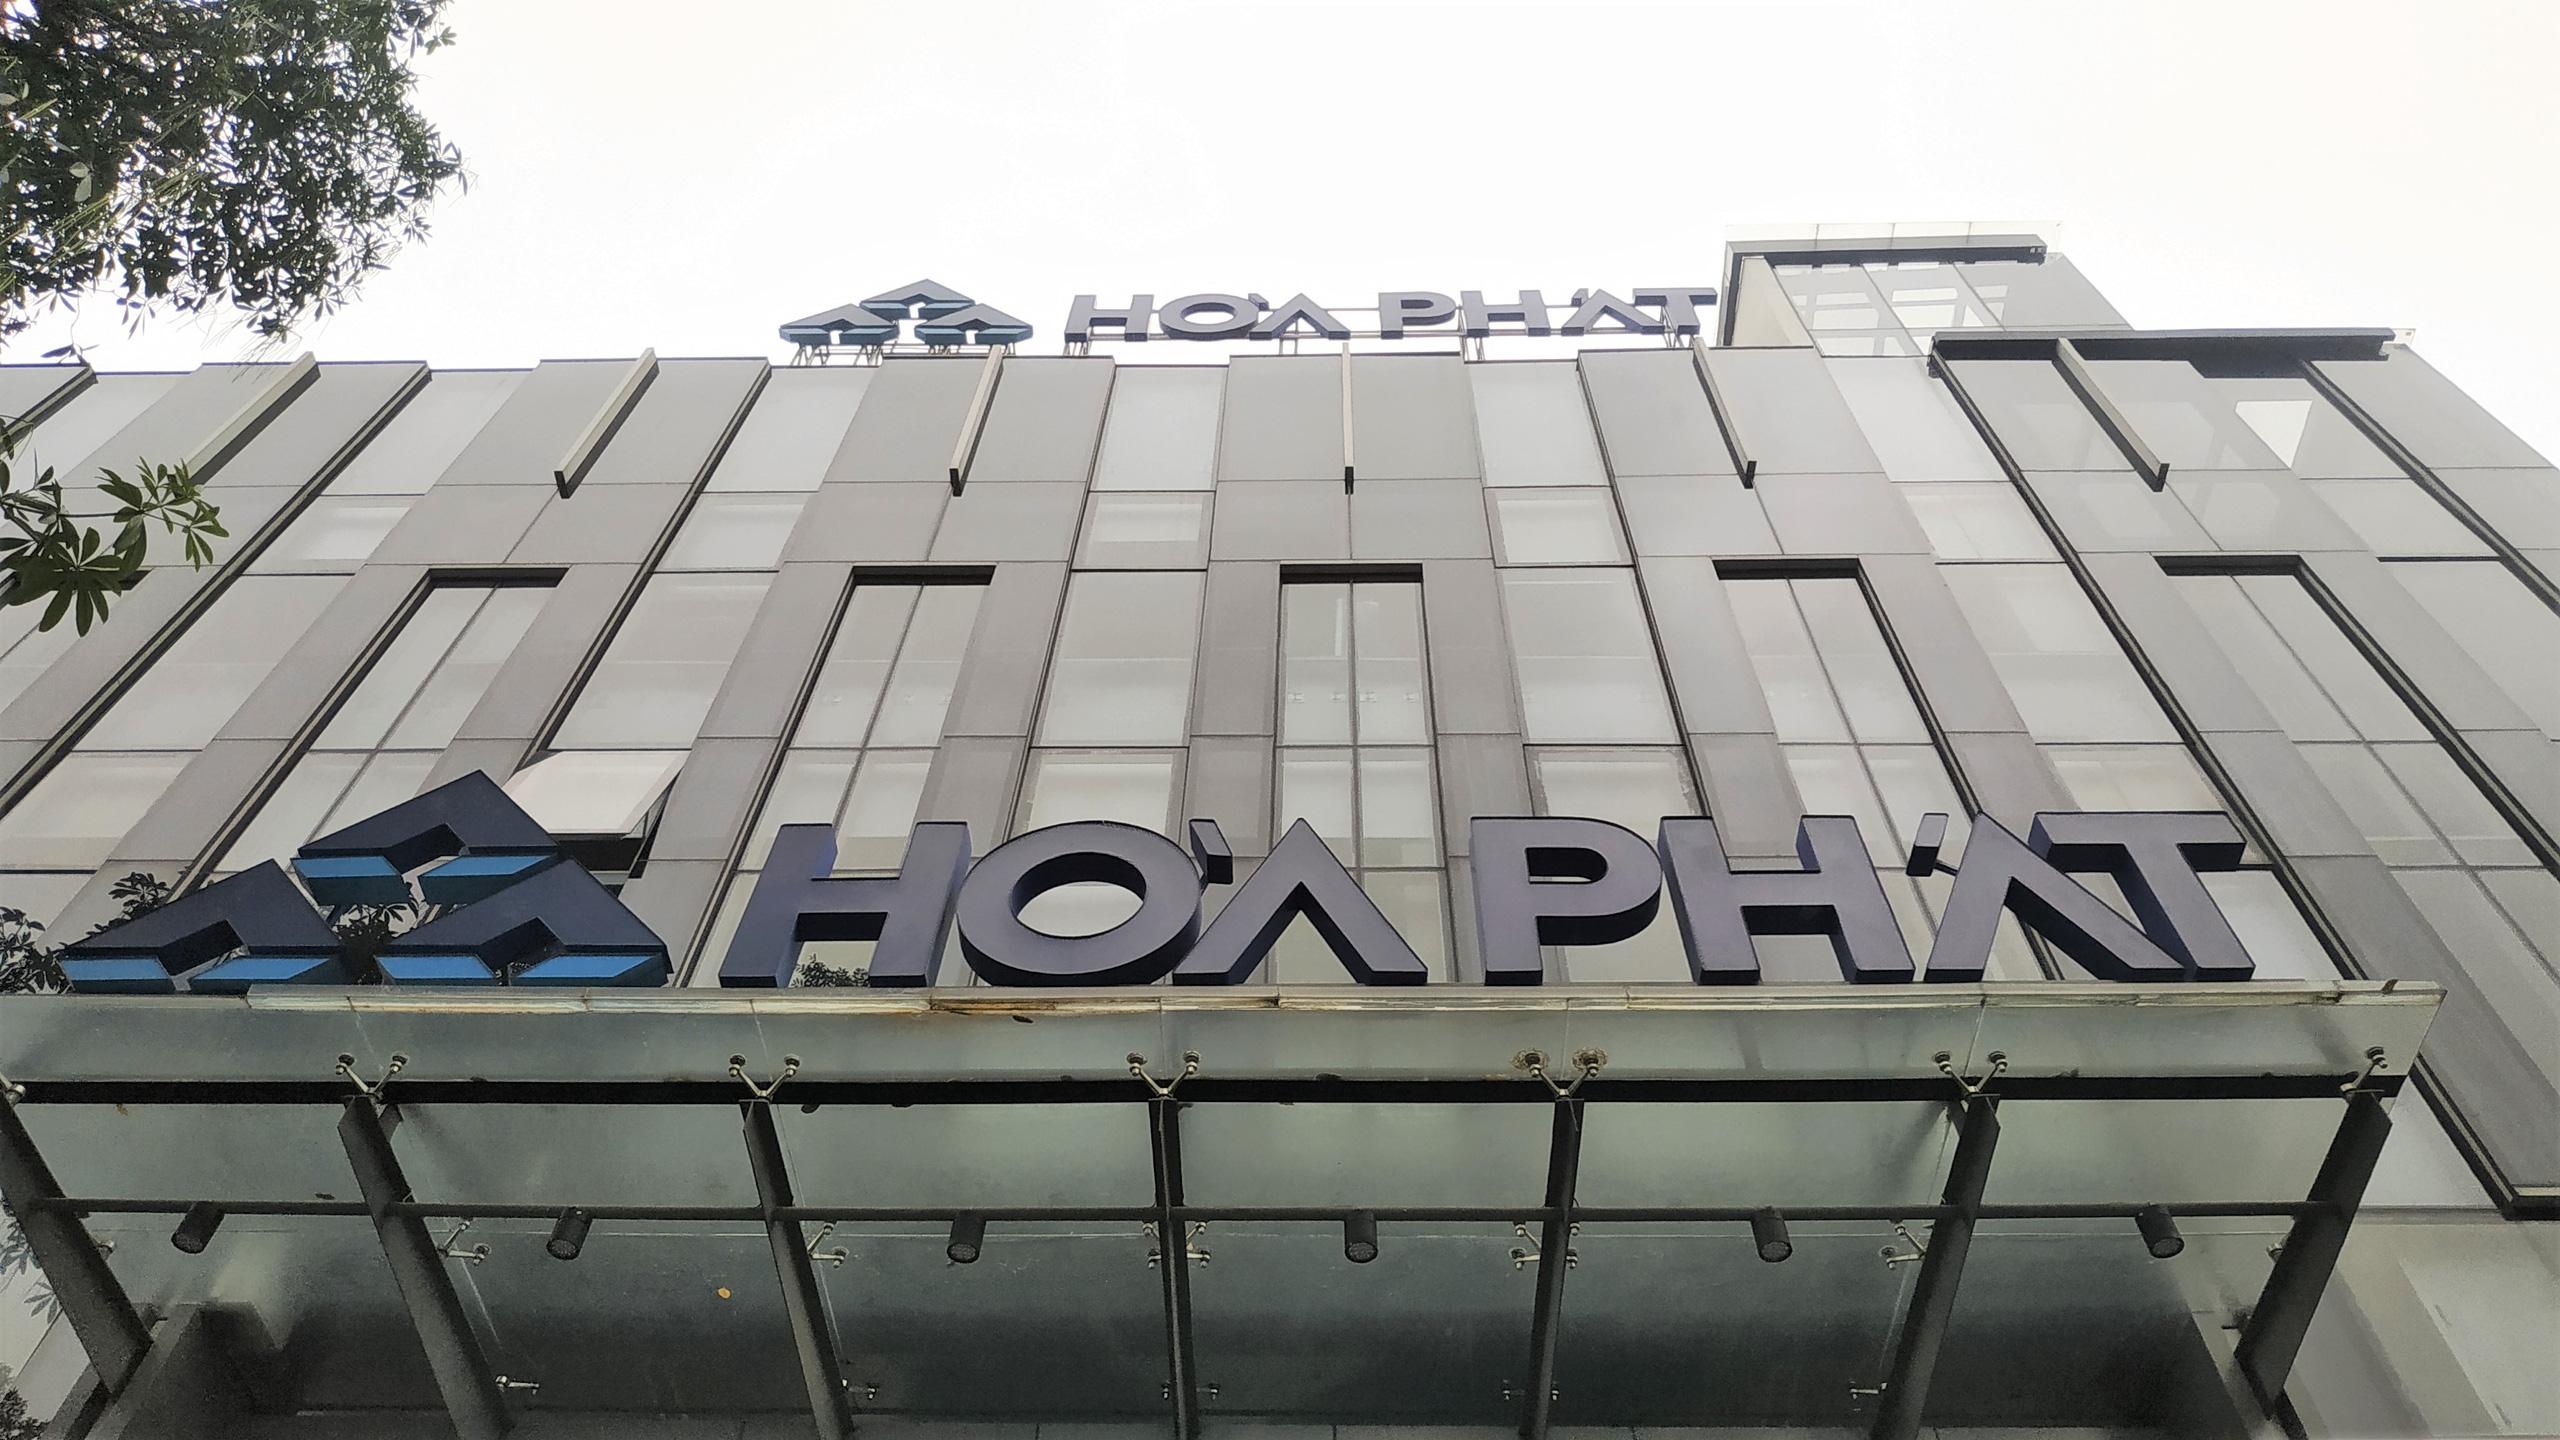 Con trai Chủ tịch Trần Đình Long dự chi hơn 300 tỷ mua thêm cổ phiếu Hòa Phát - Ảnh 1.